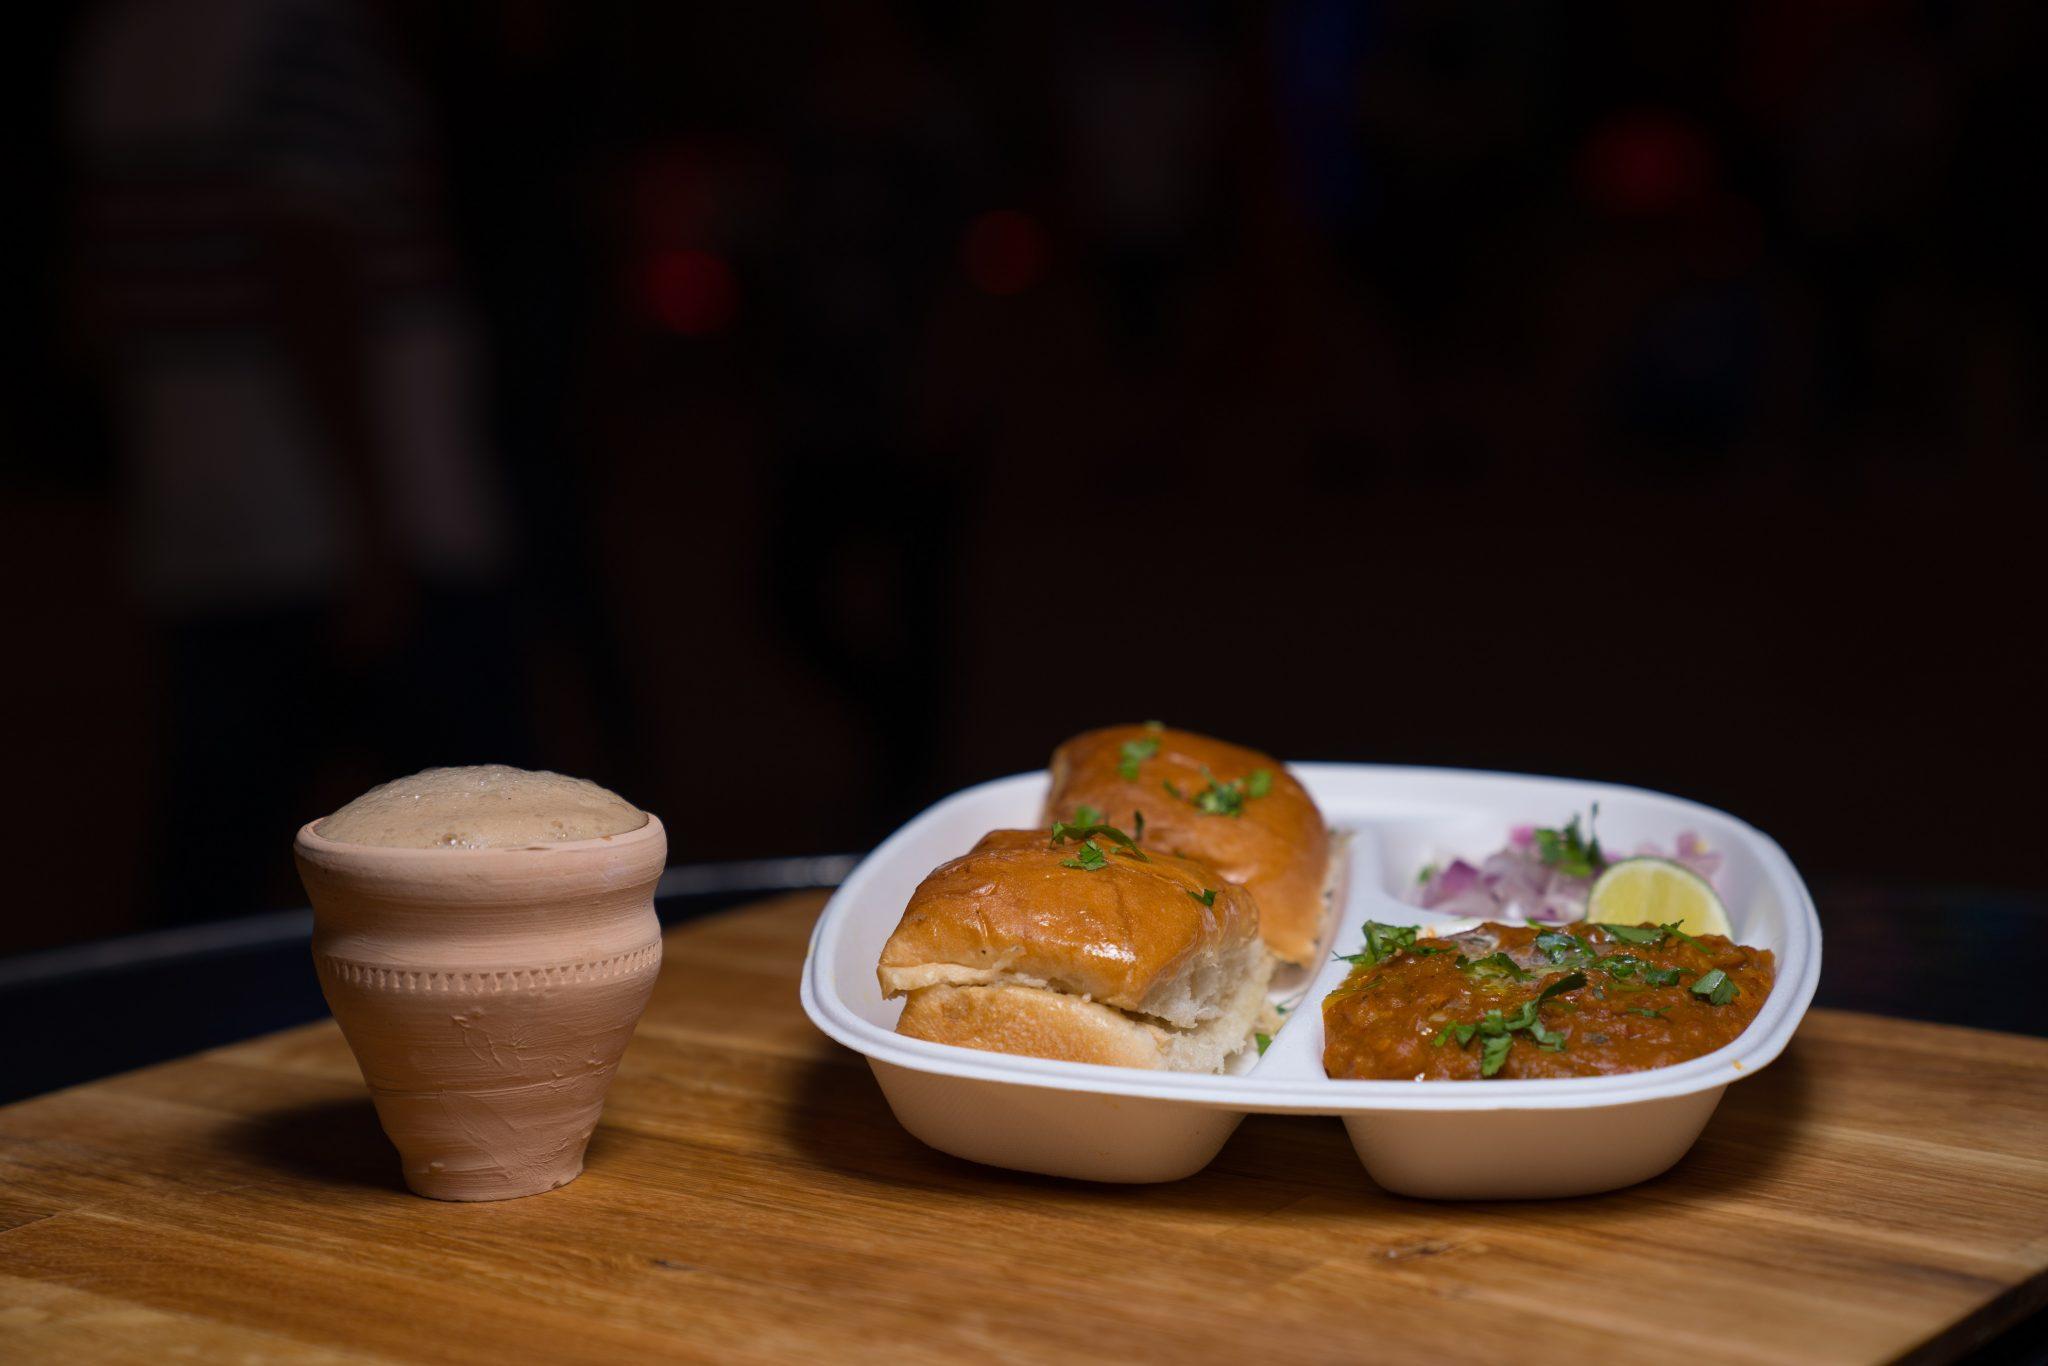 تجارب طعام لا تفوتوا الإستمتاع بها في القرية العالمية